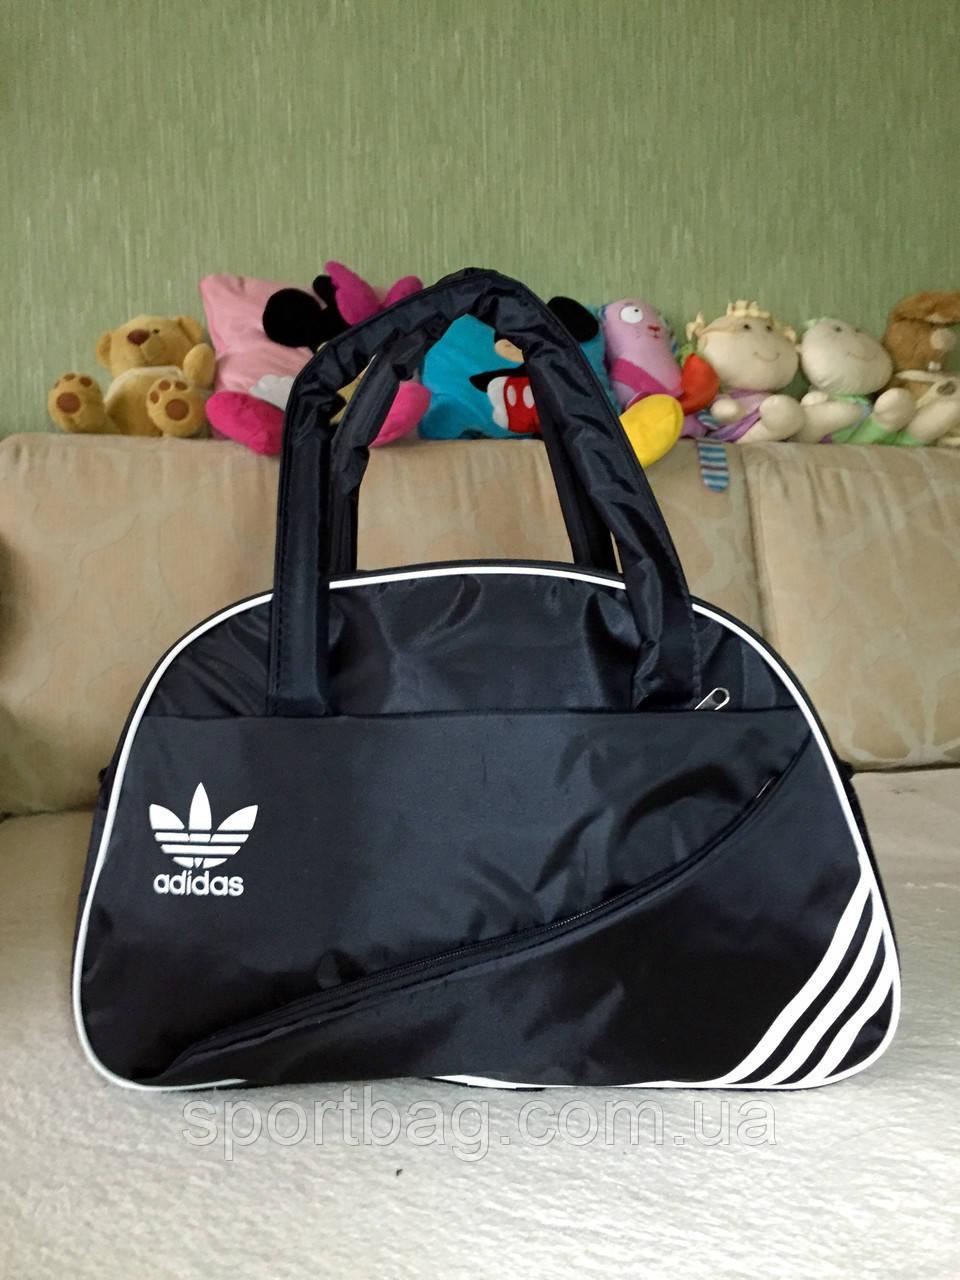 d18a037fd095 Сумка женская Adidas, модель МВ-3. Одесса - Интернет-магазин Sportbag.